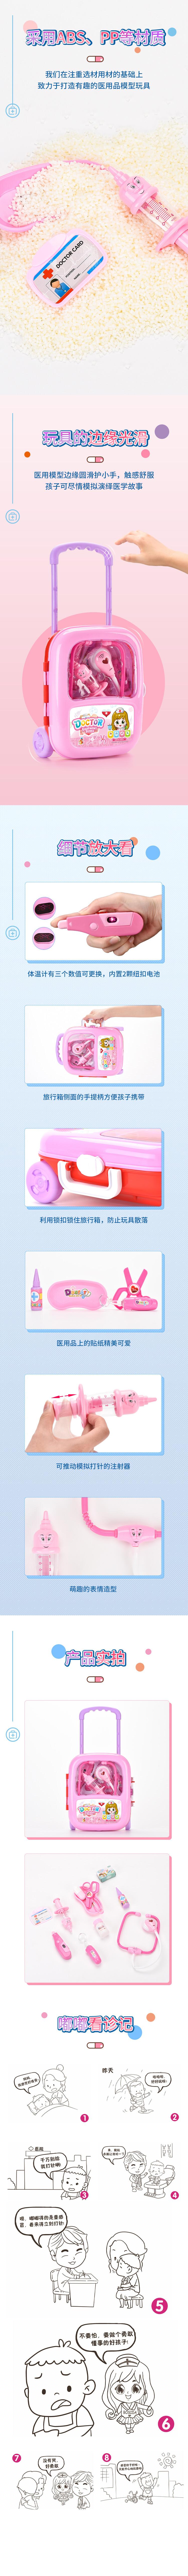 博思达玩具厂-(BS8212B)-声光医生玩具-中文版详情页3.jpg